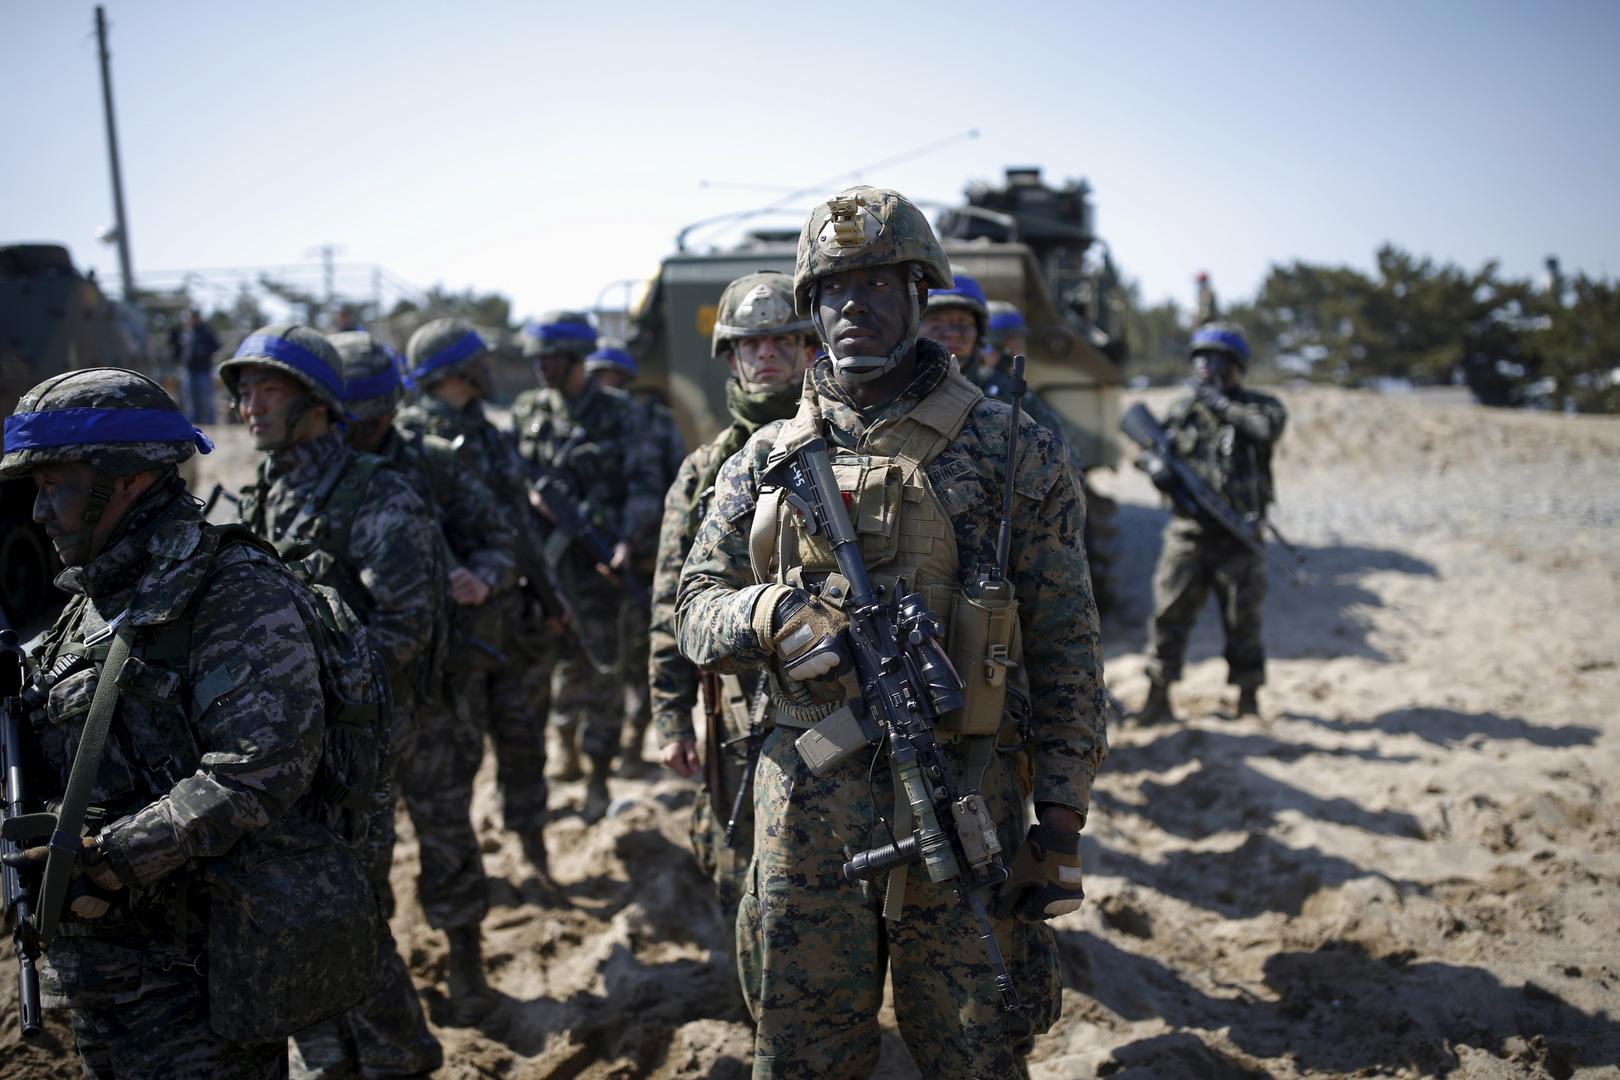 جنود أمريكيون في كوريا الجنوبية (أرشيف).